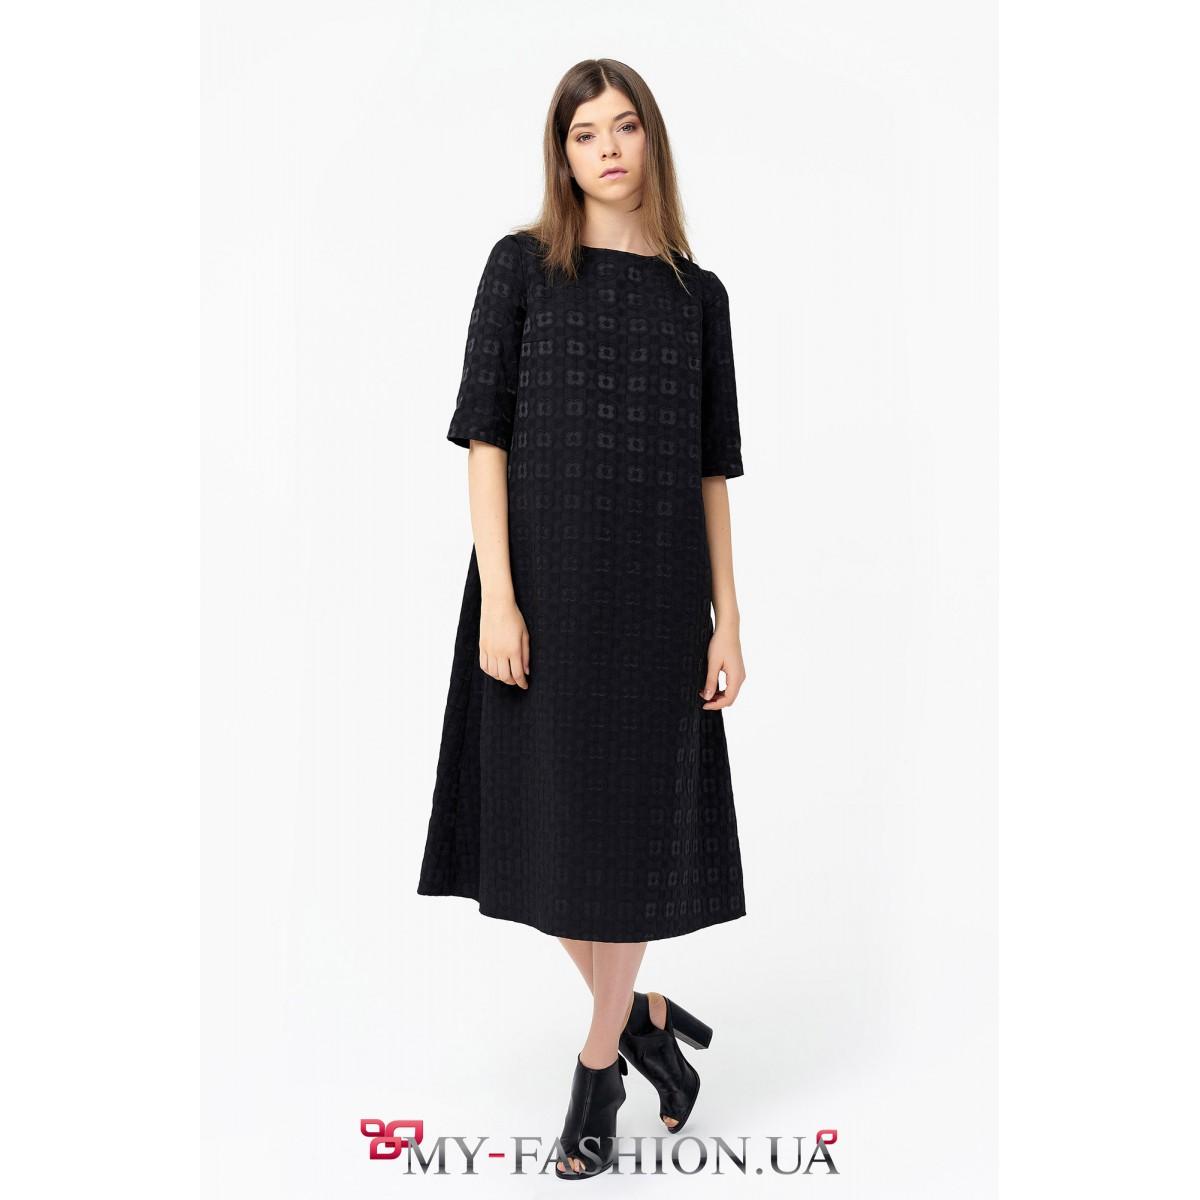 Платье Ниже Колен Купить В Интернет Магазине